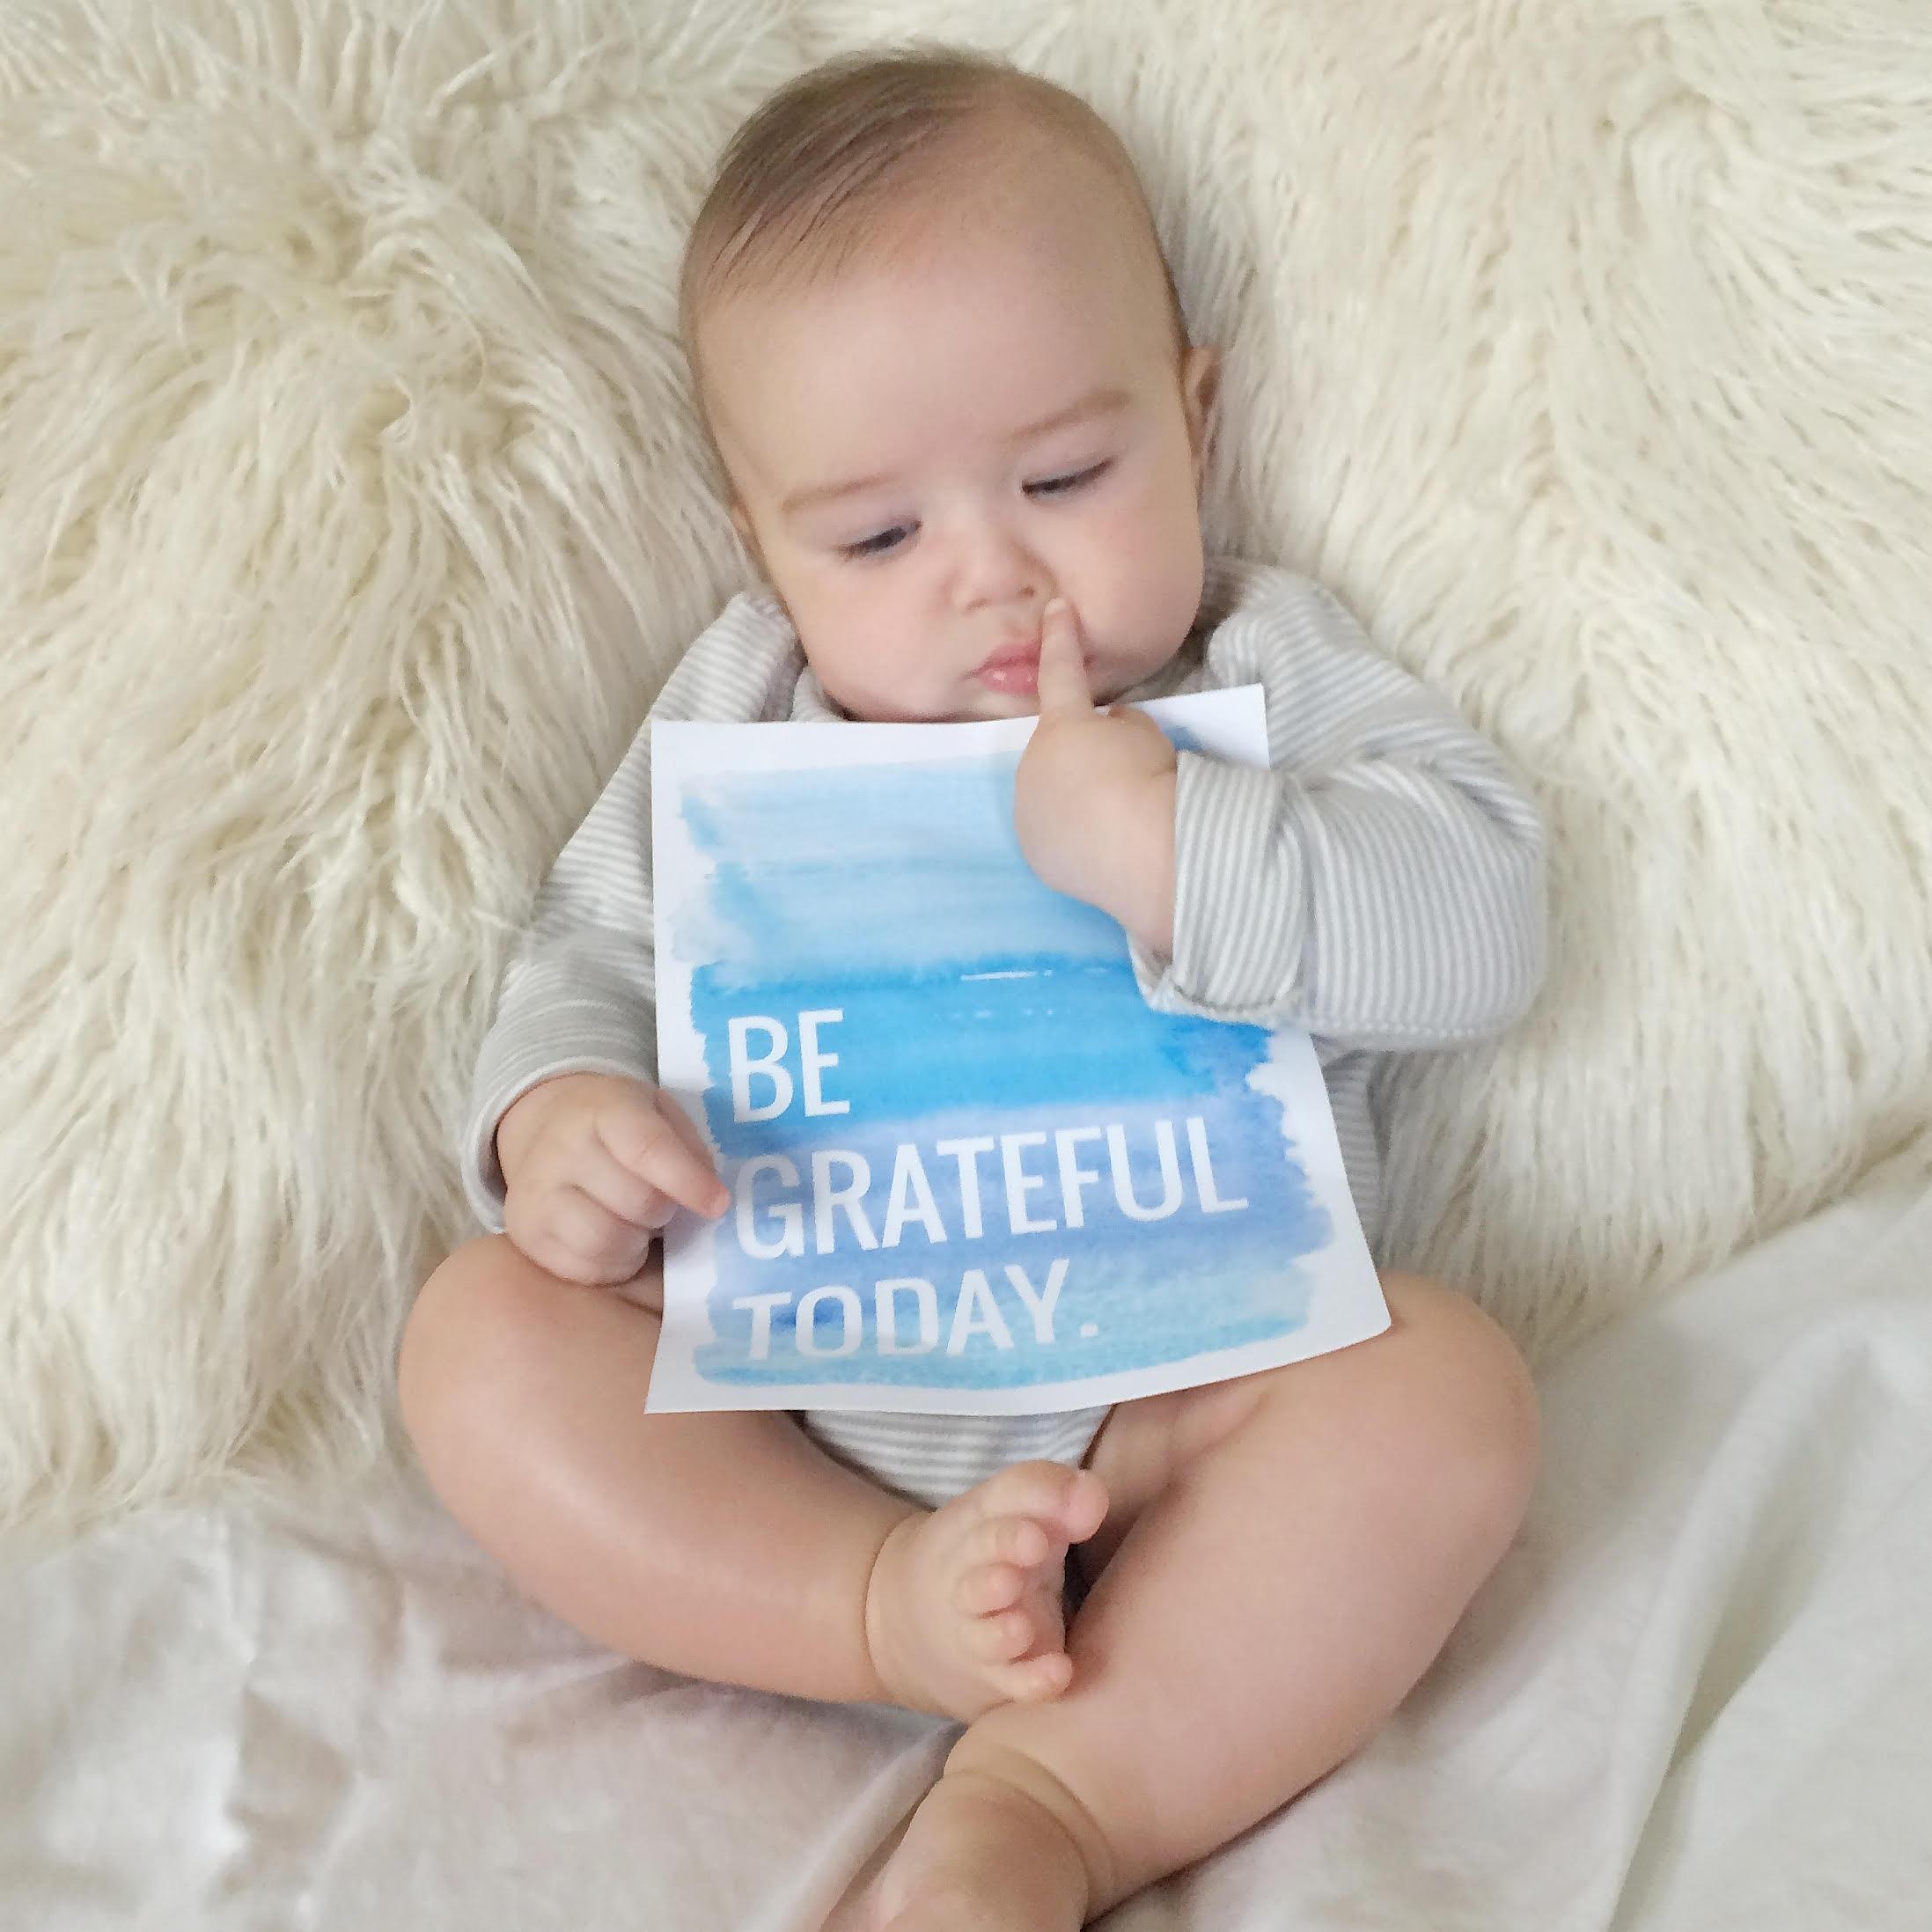 30 Days of Gratitude | Momma Society-The Community of Modern Moms | www.mommasociety.com